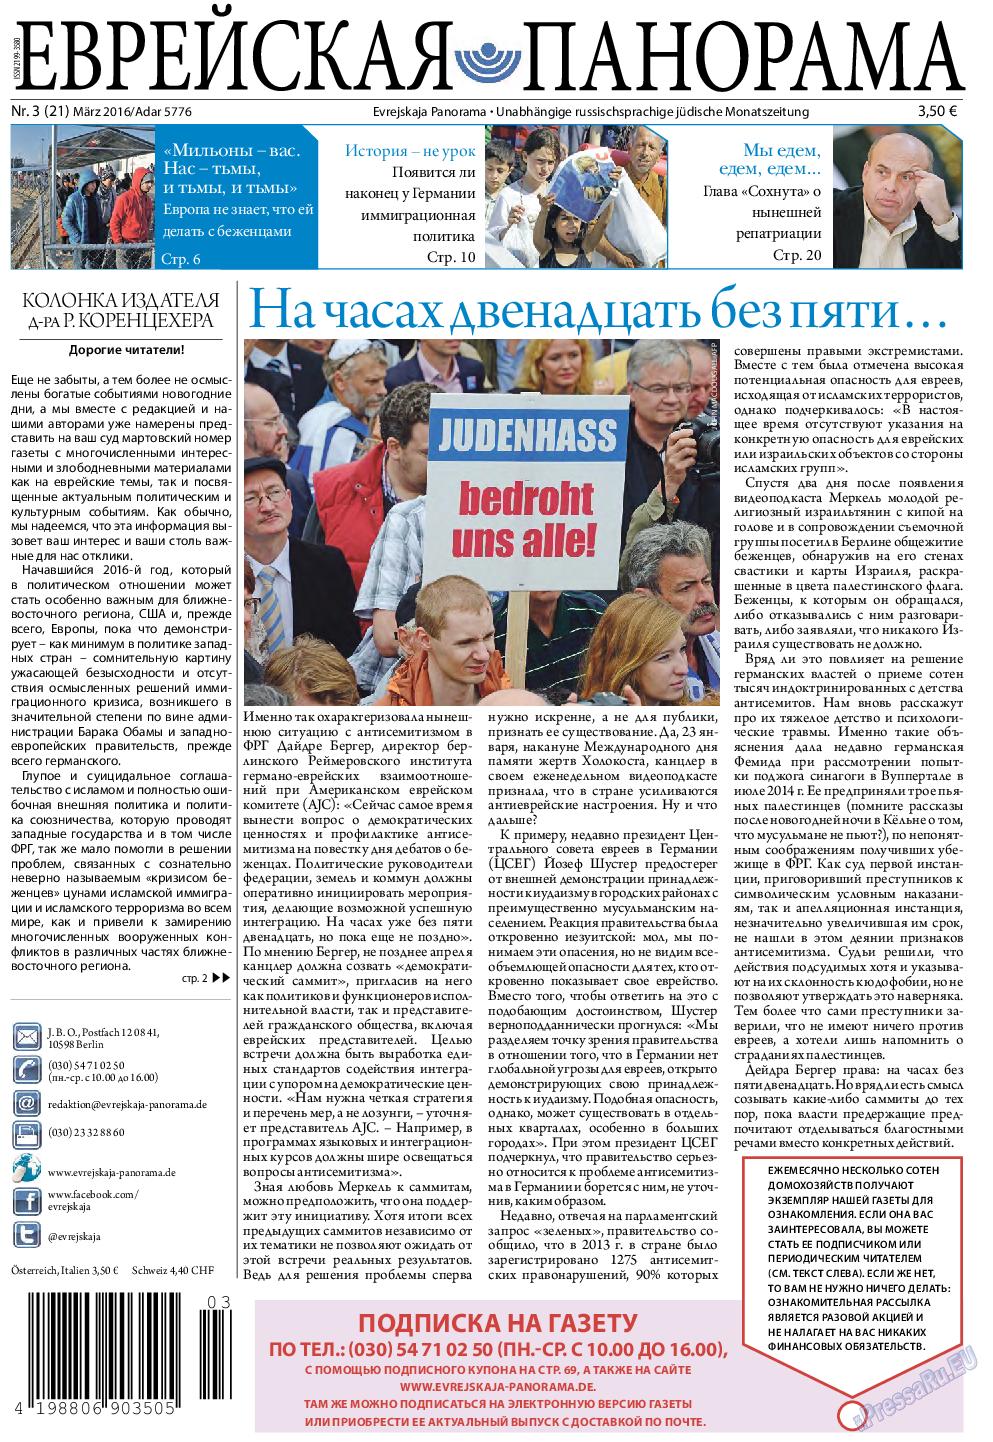 Еврейская панорама (газета). 2016 год, номер 3, стр. 1